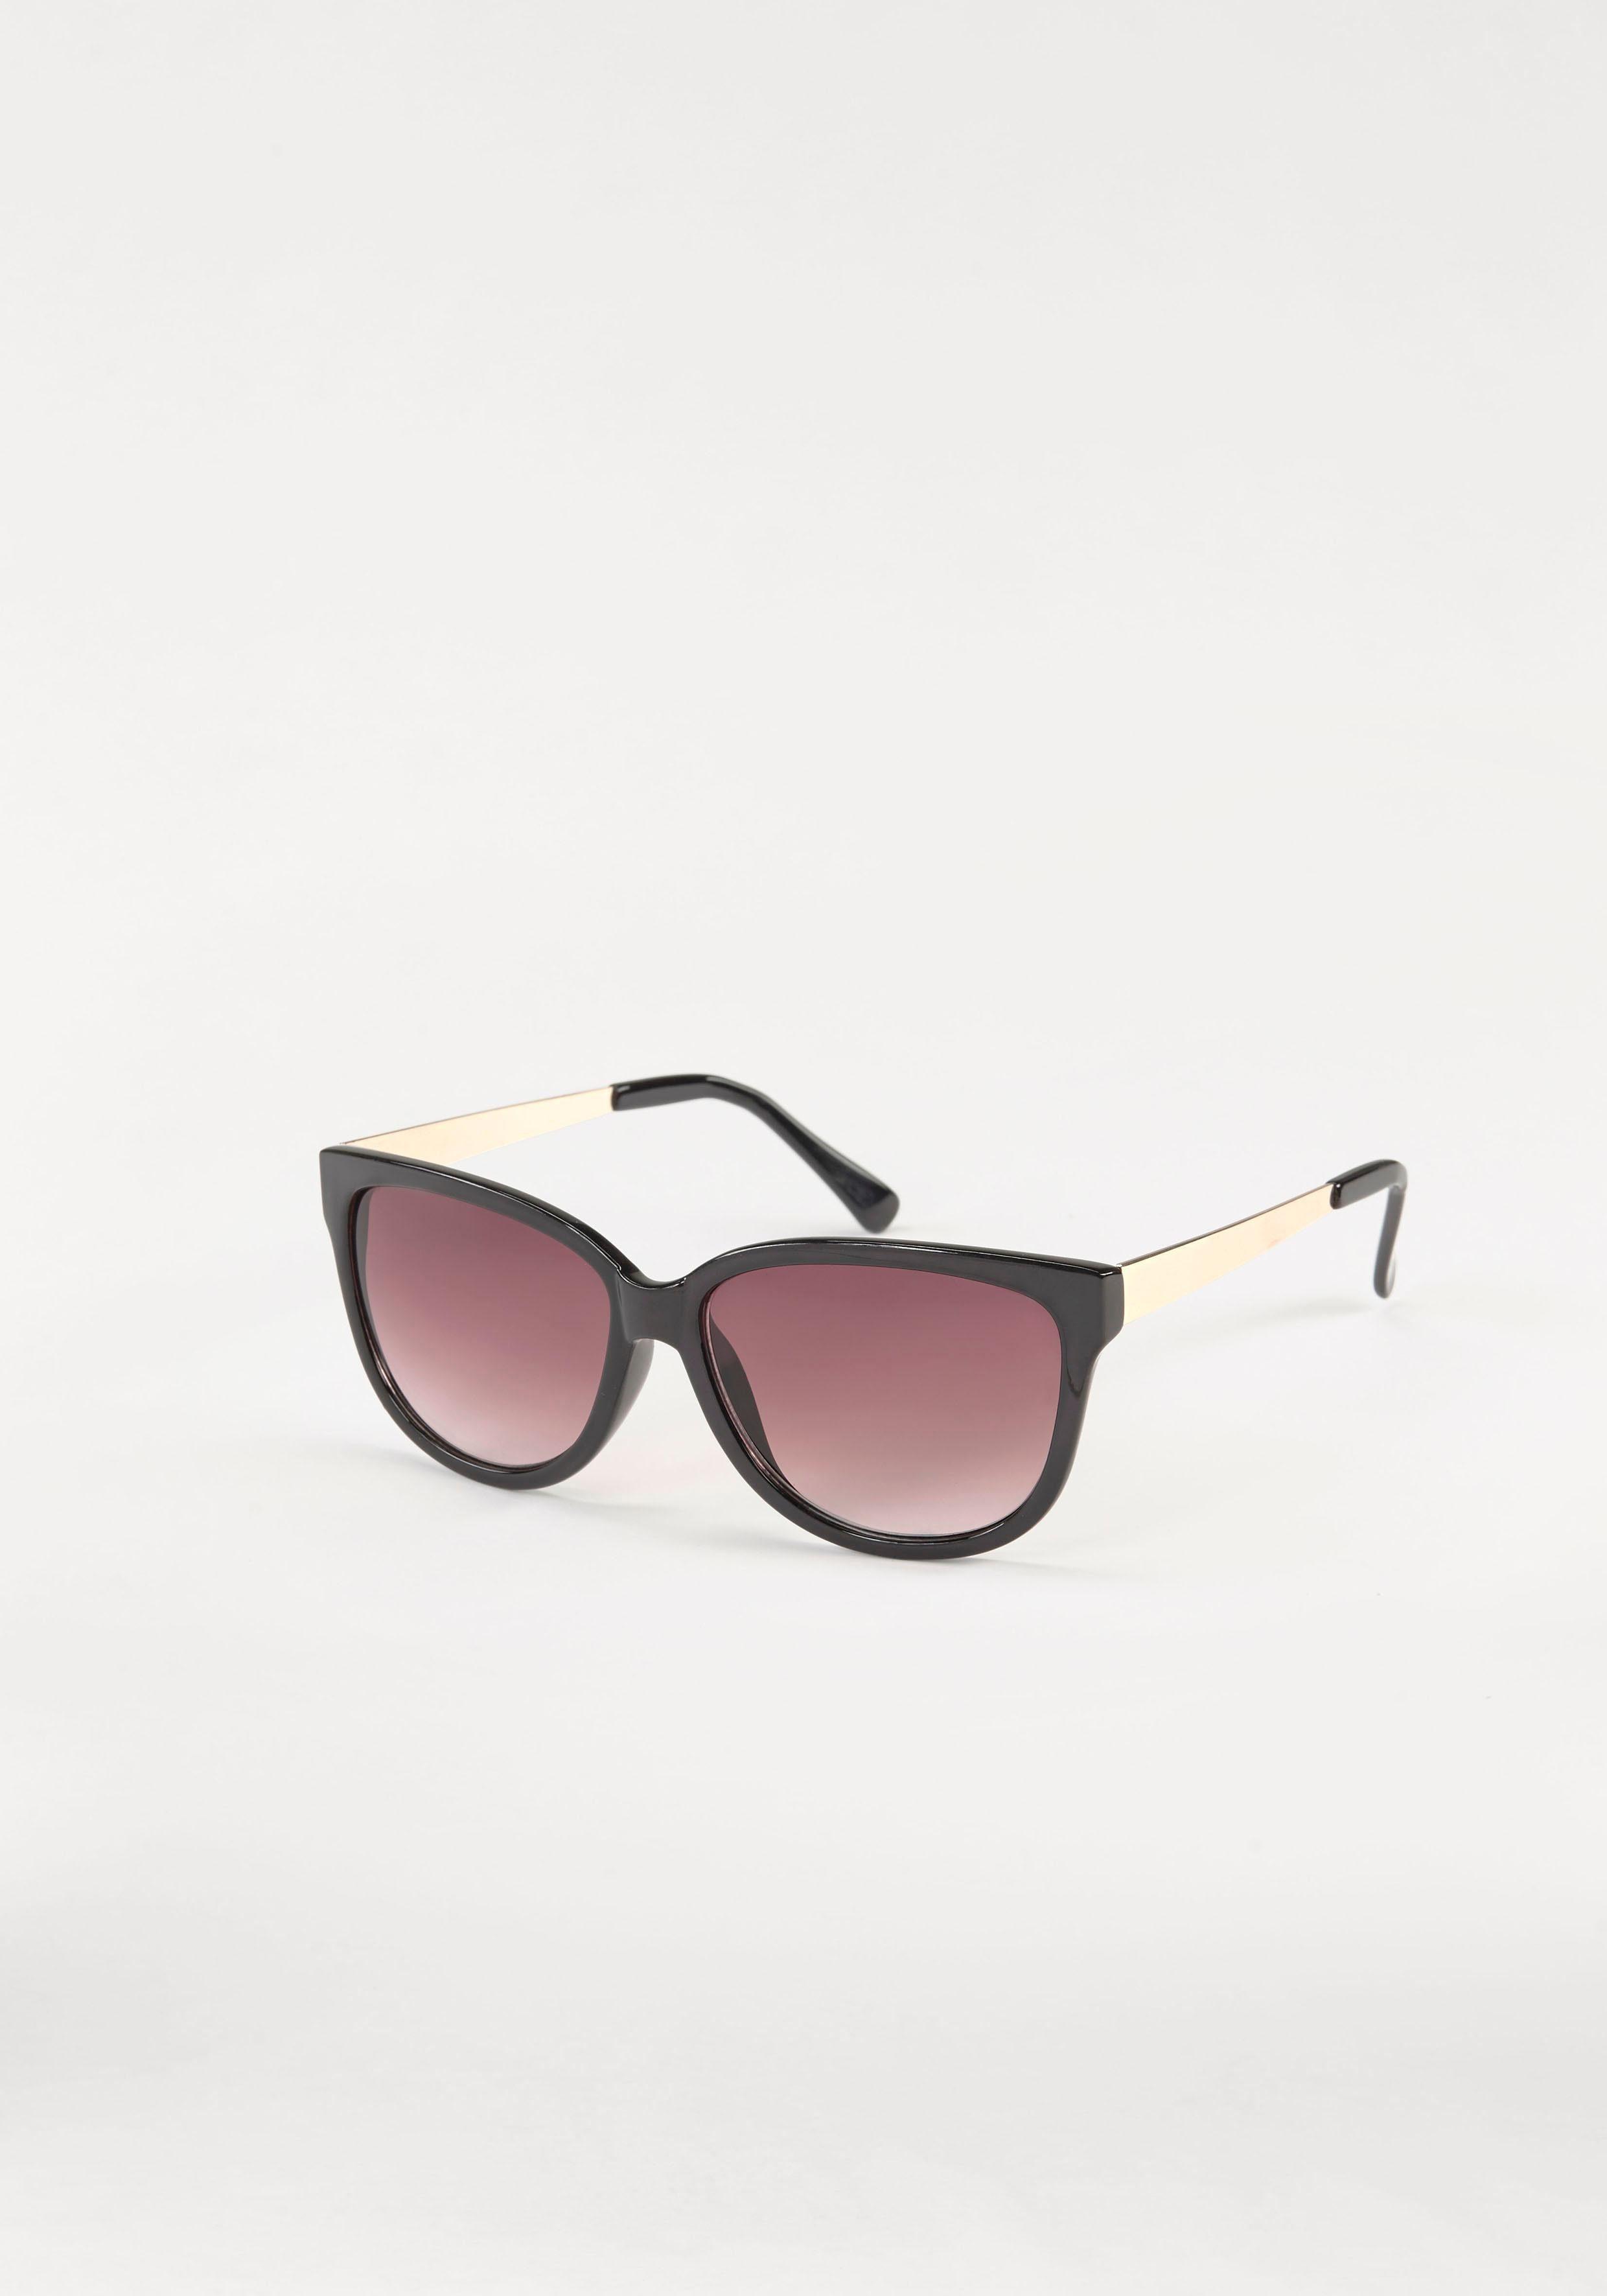 J.Jayz Sonnenbrille, Eckige Brille, Retro-Look, Klassik-Style